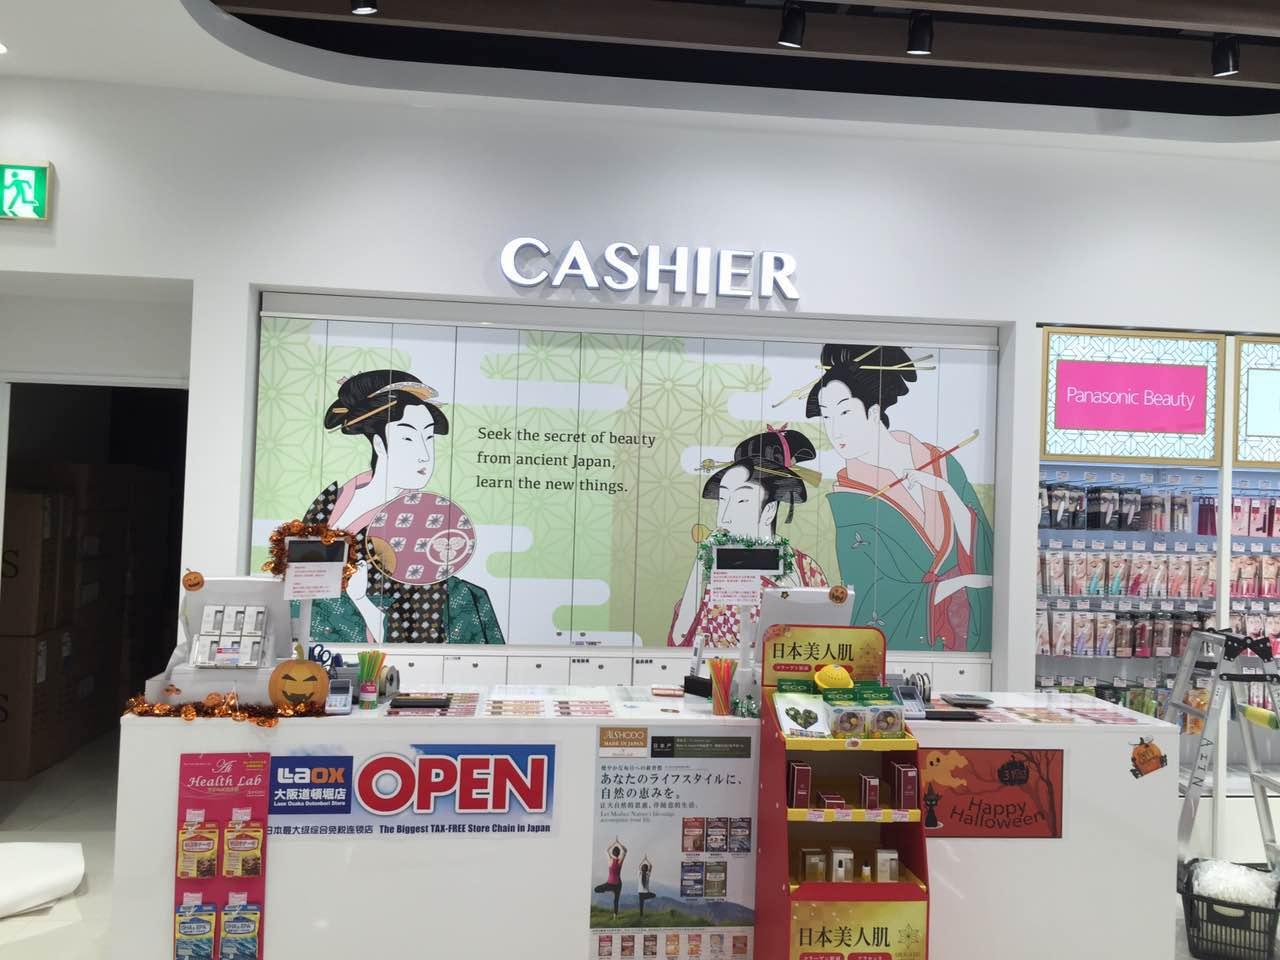 免税店ロックスの工事(チャンネル文字・インクジェット出力・カッティング切り文字)